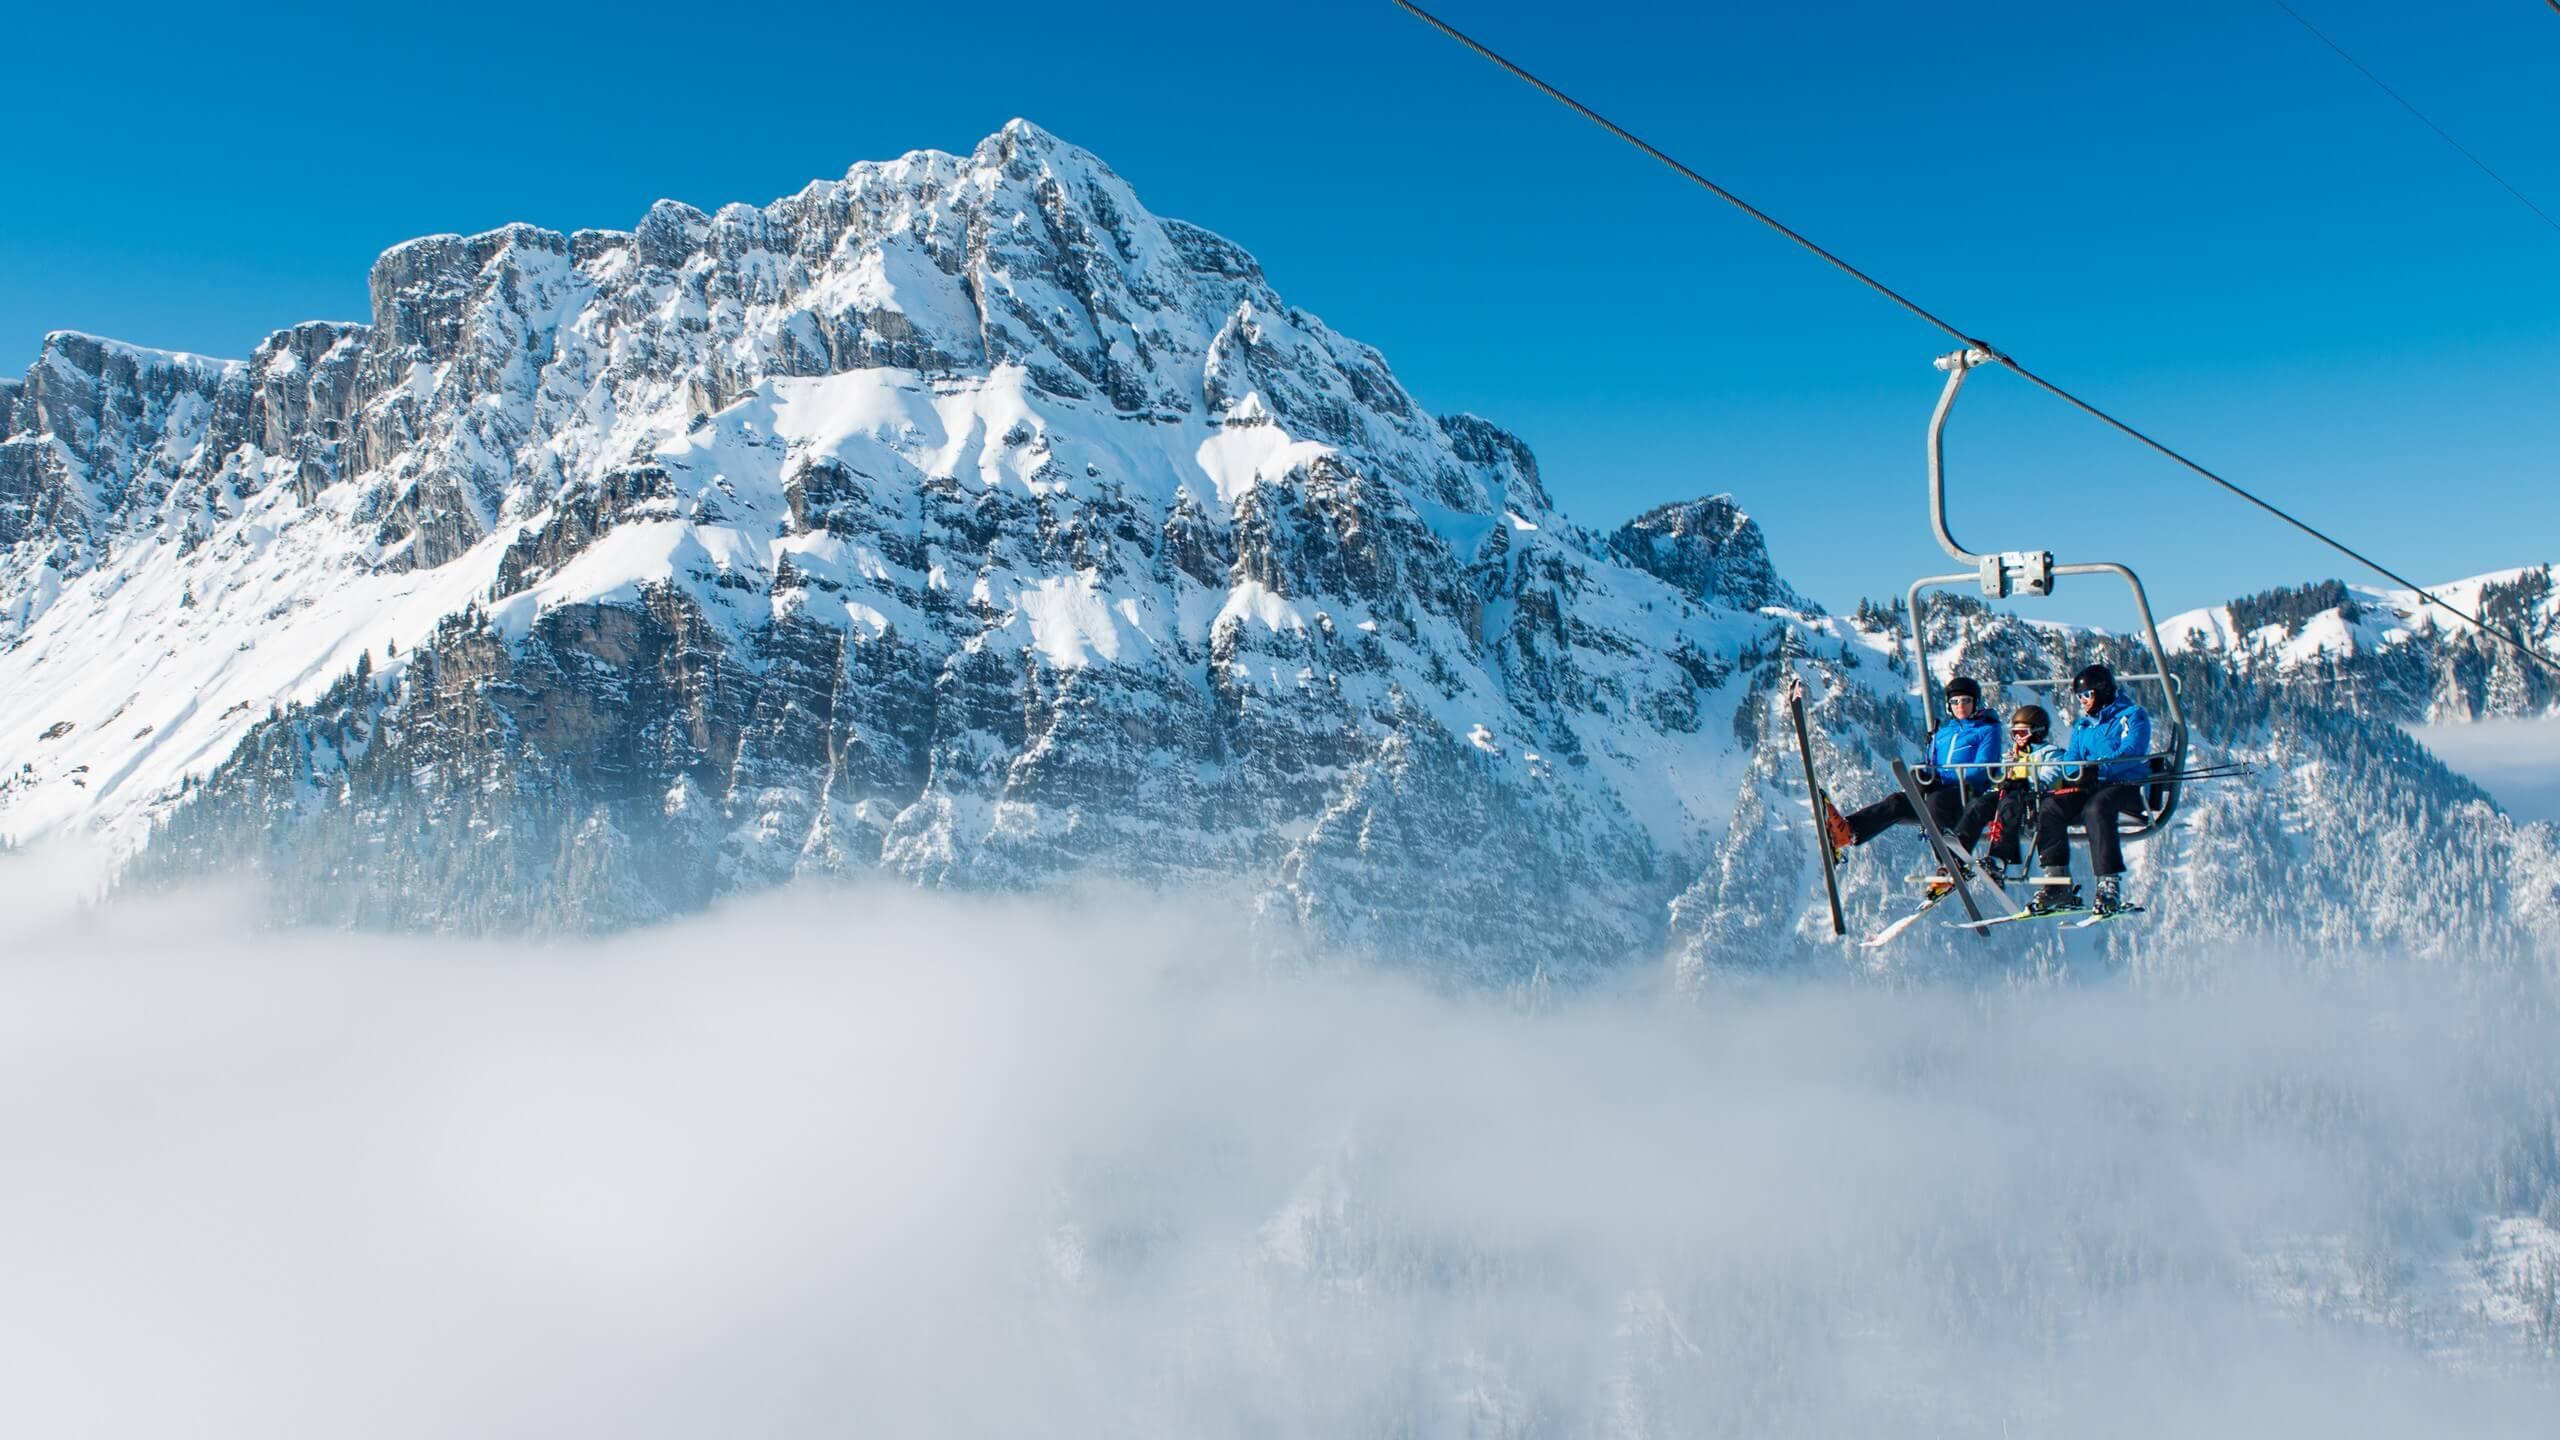 diemtigtal-grimmialp-winter-skifahren-sessellift-nebel-winteraktivitaeten